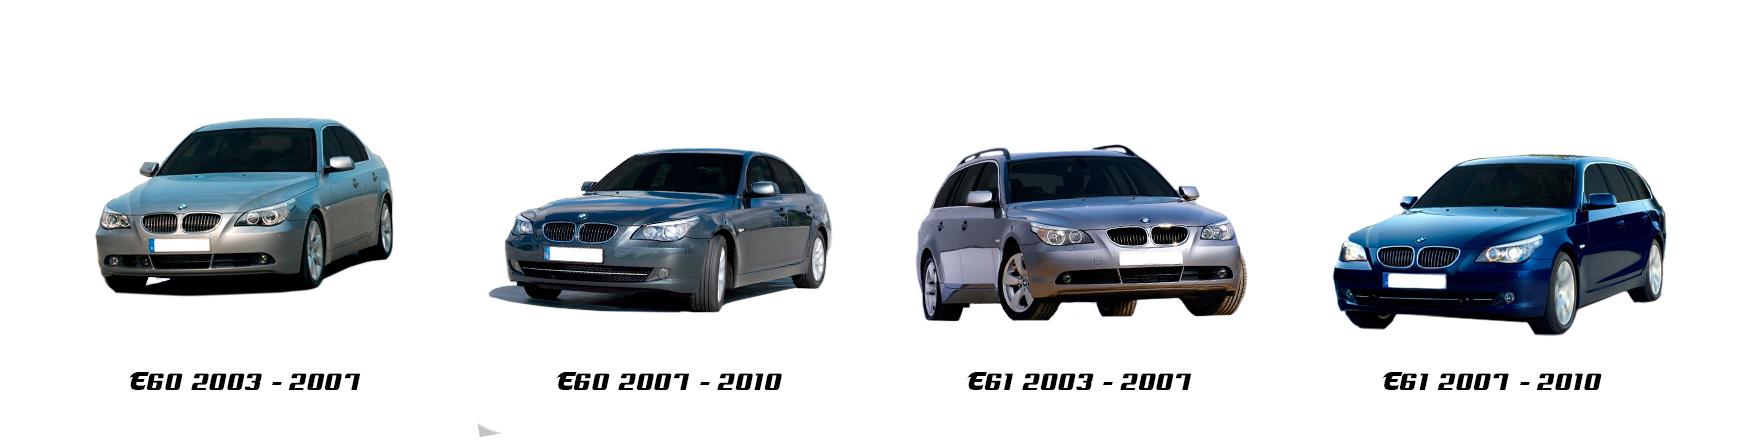 Recambios de BMW Serie 5 E60, E61. 520i, 525i, 530d, 535d, 520d, 525d